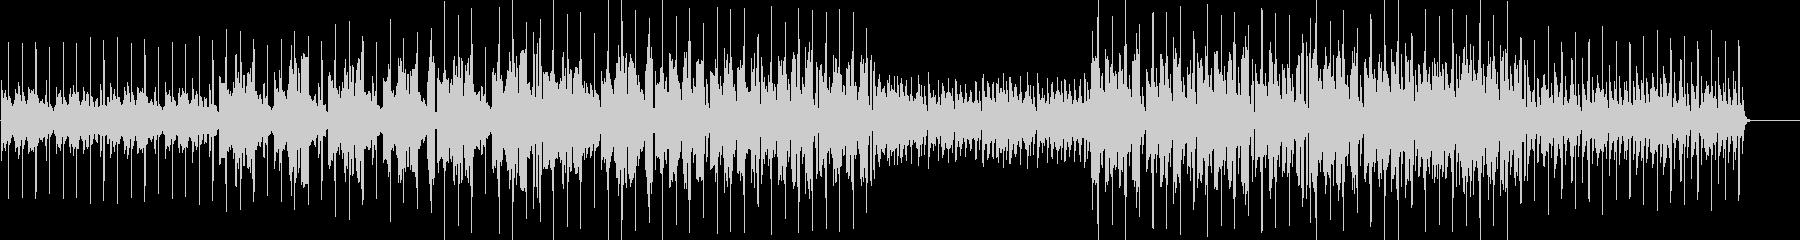 ■チルアウト風・ビブラフォン・リラックスの未再生の波形